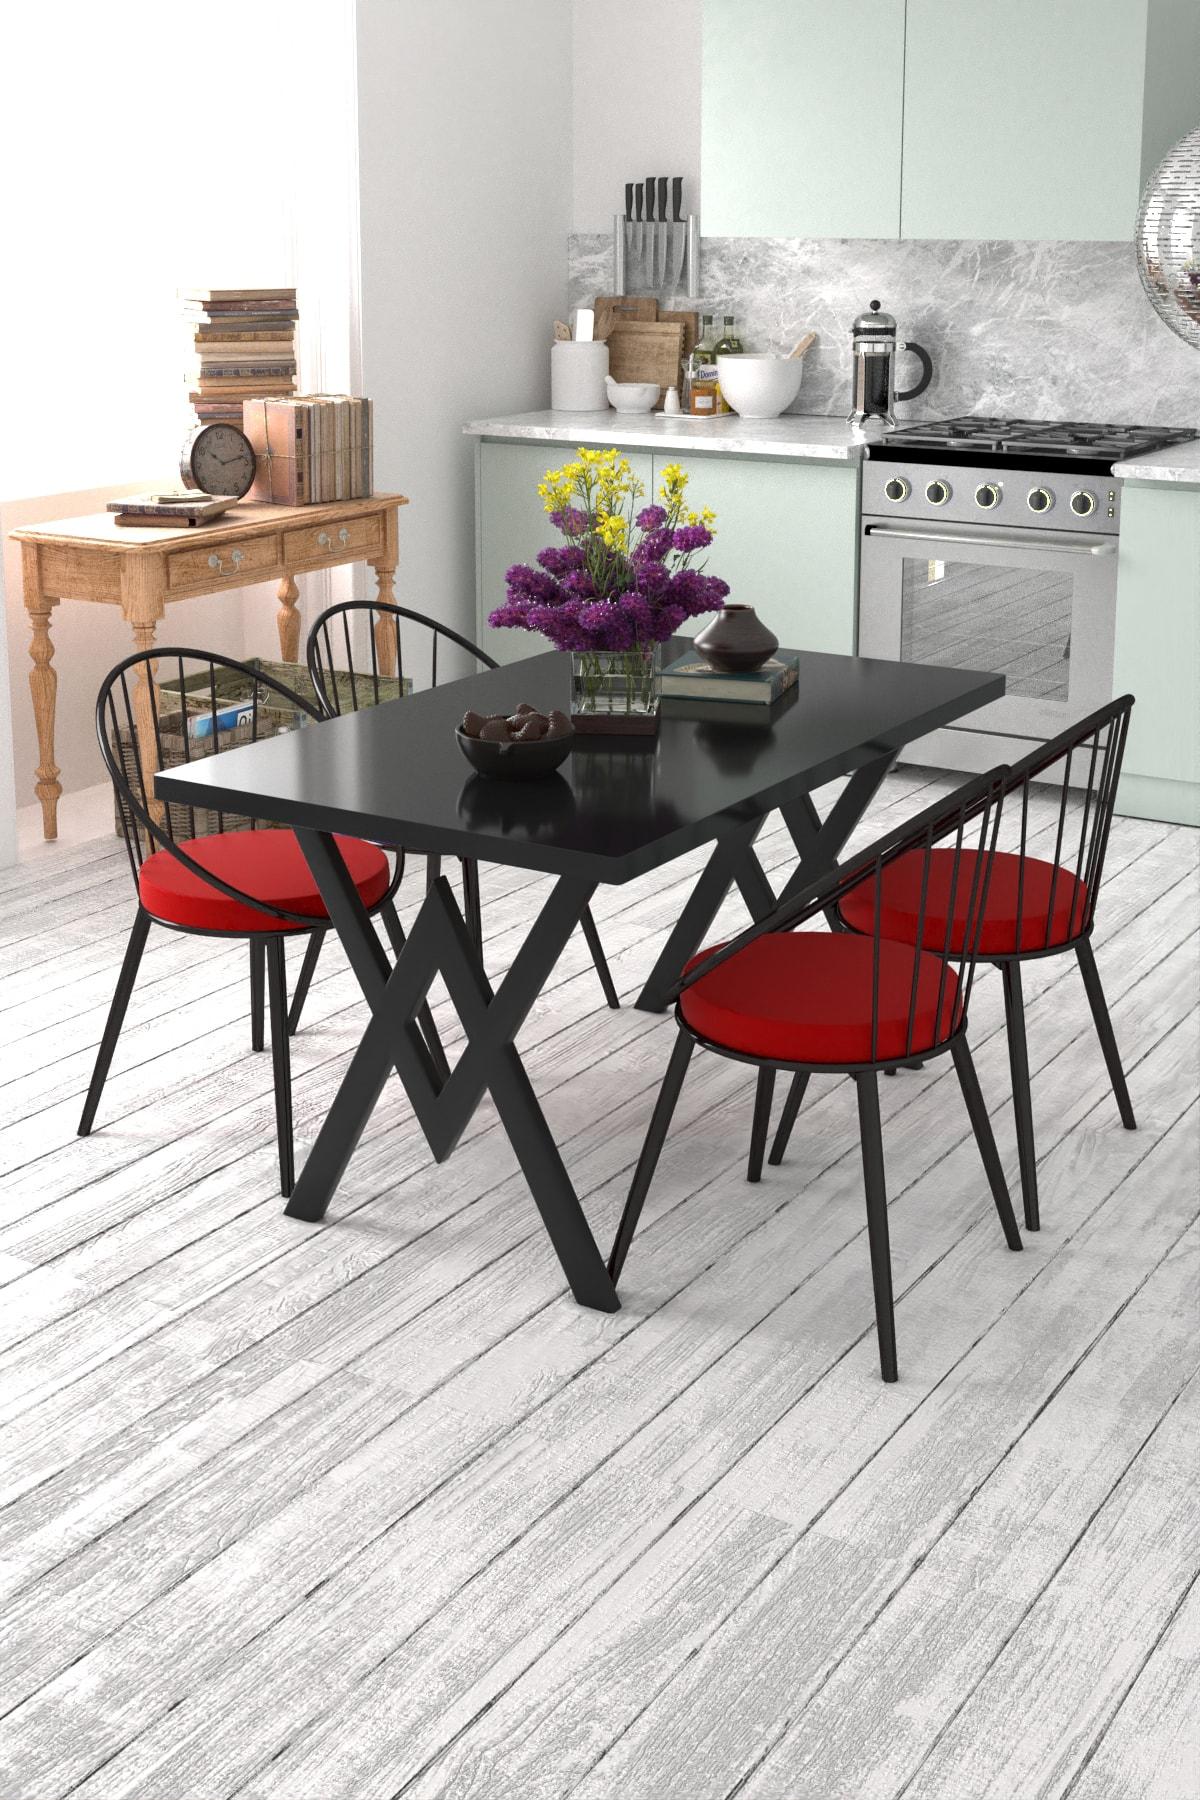 Evdemo 4 Kişilik Mutfak Masası Takımı Siyah Kırmızı 1